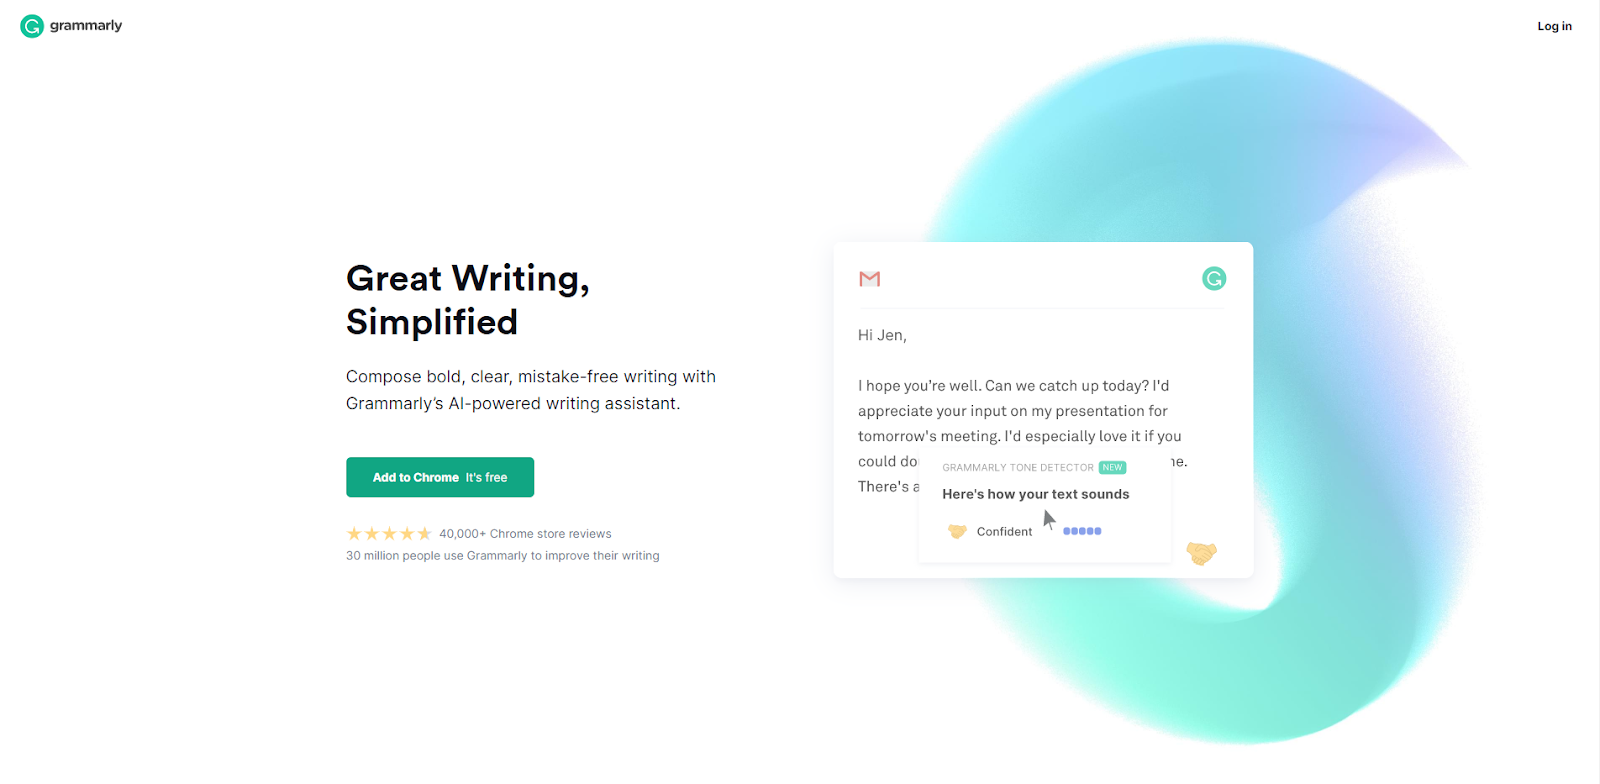 Grammarly's website homepage